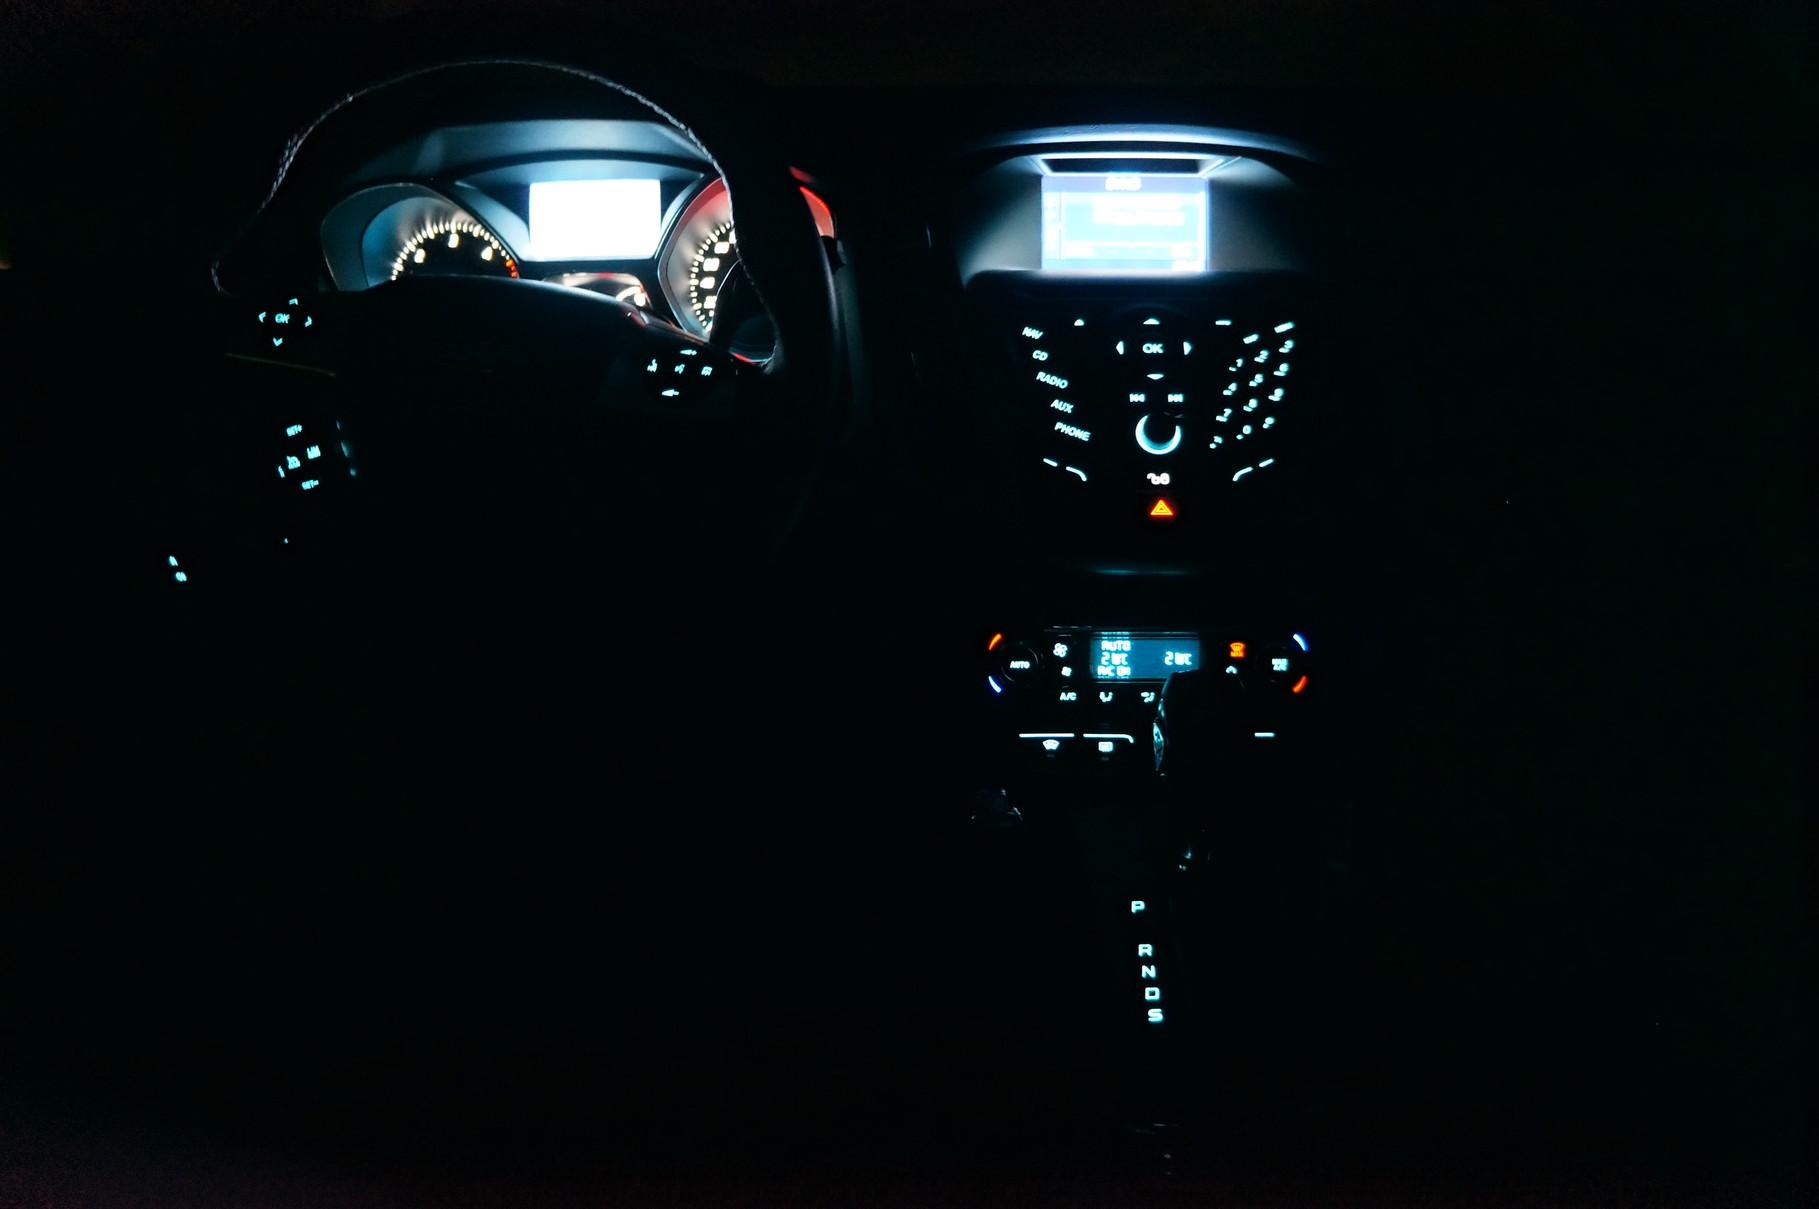 Подсветка передней панели просто обалденная